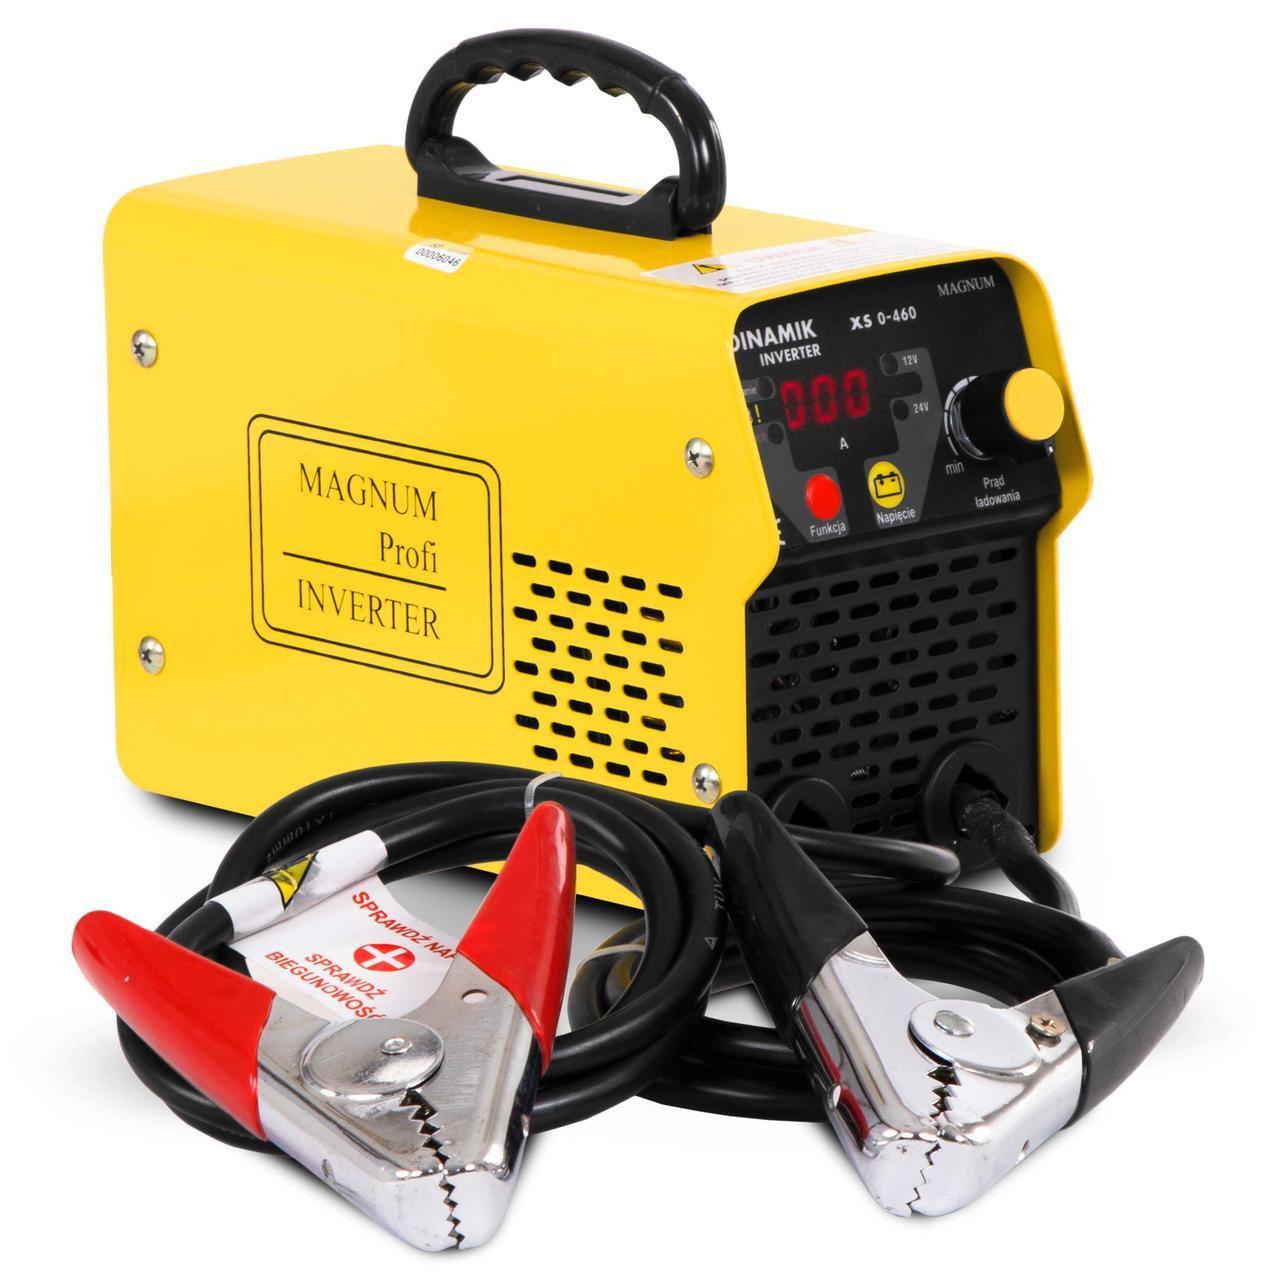 Автомобильное зарядно-пусковое устройство MAGNUM DINAMIK INWERTER XS 0-460 12V 24V